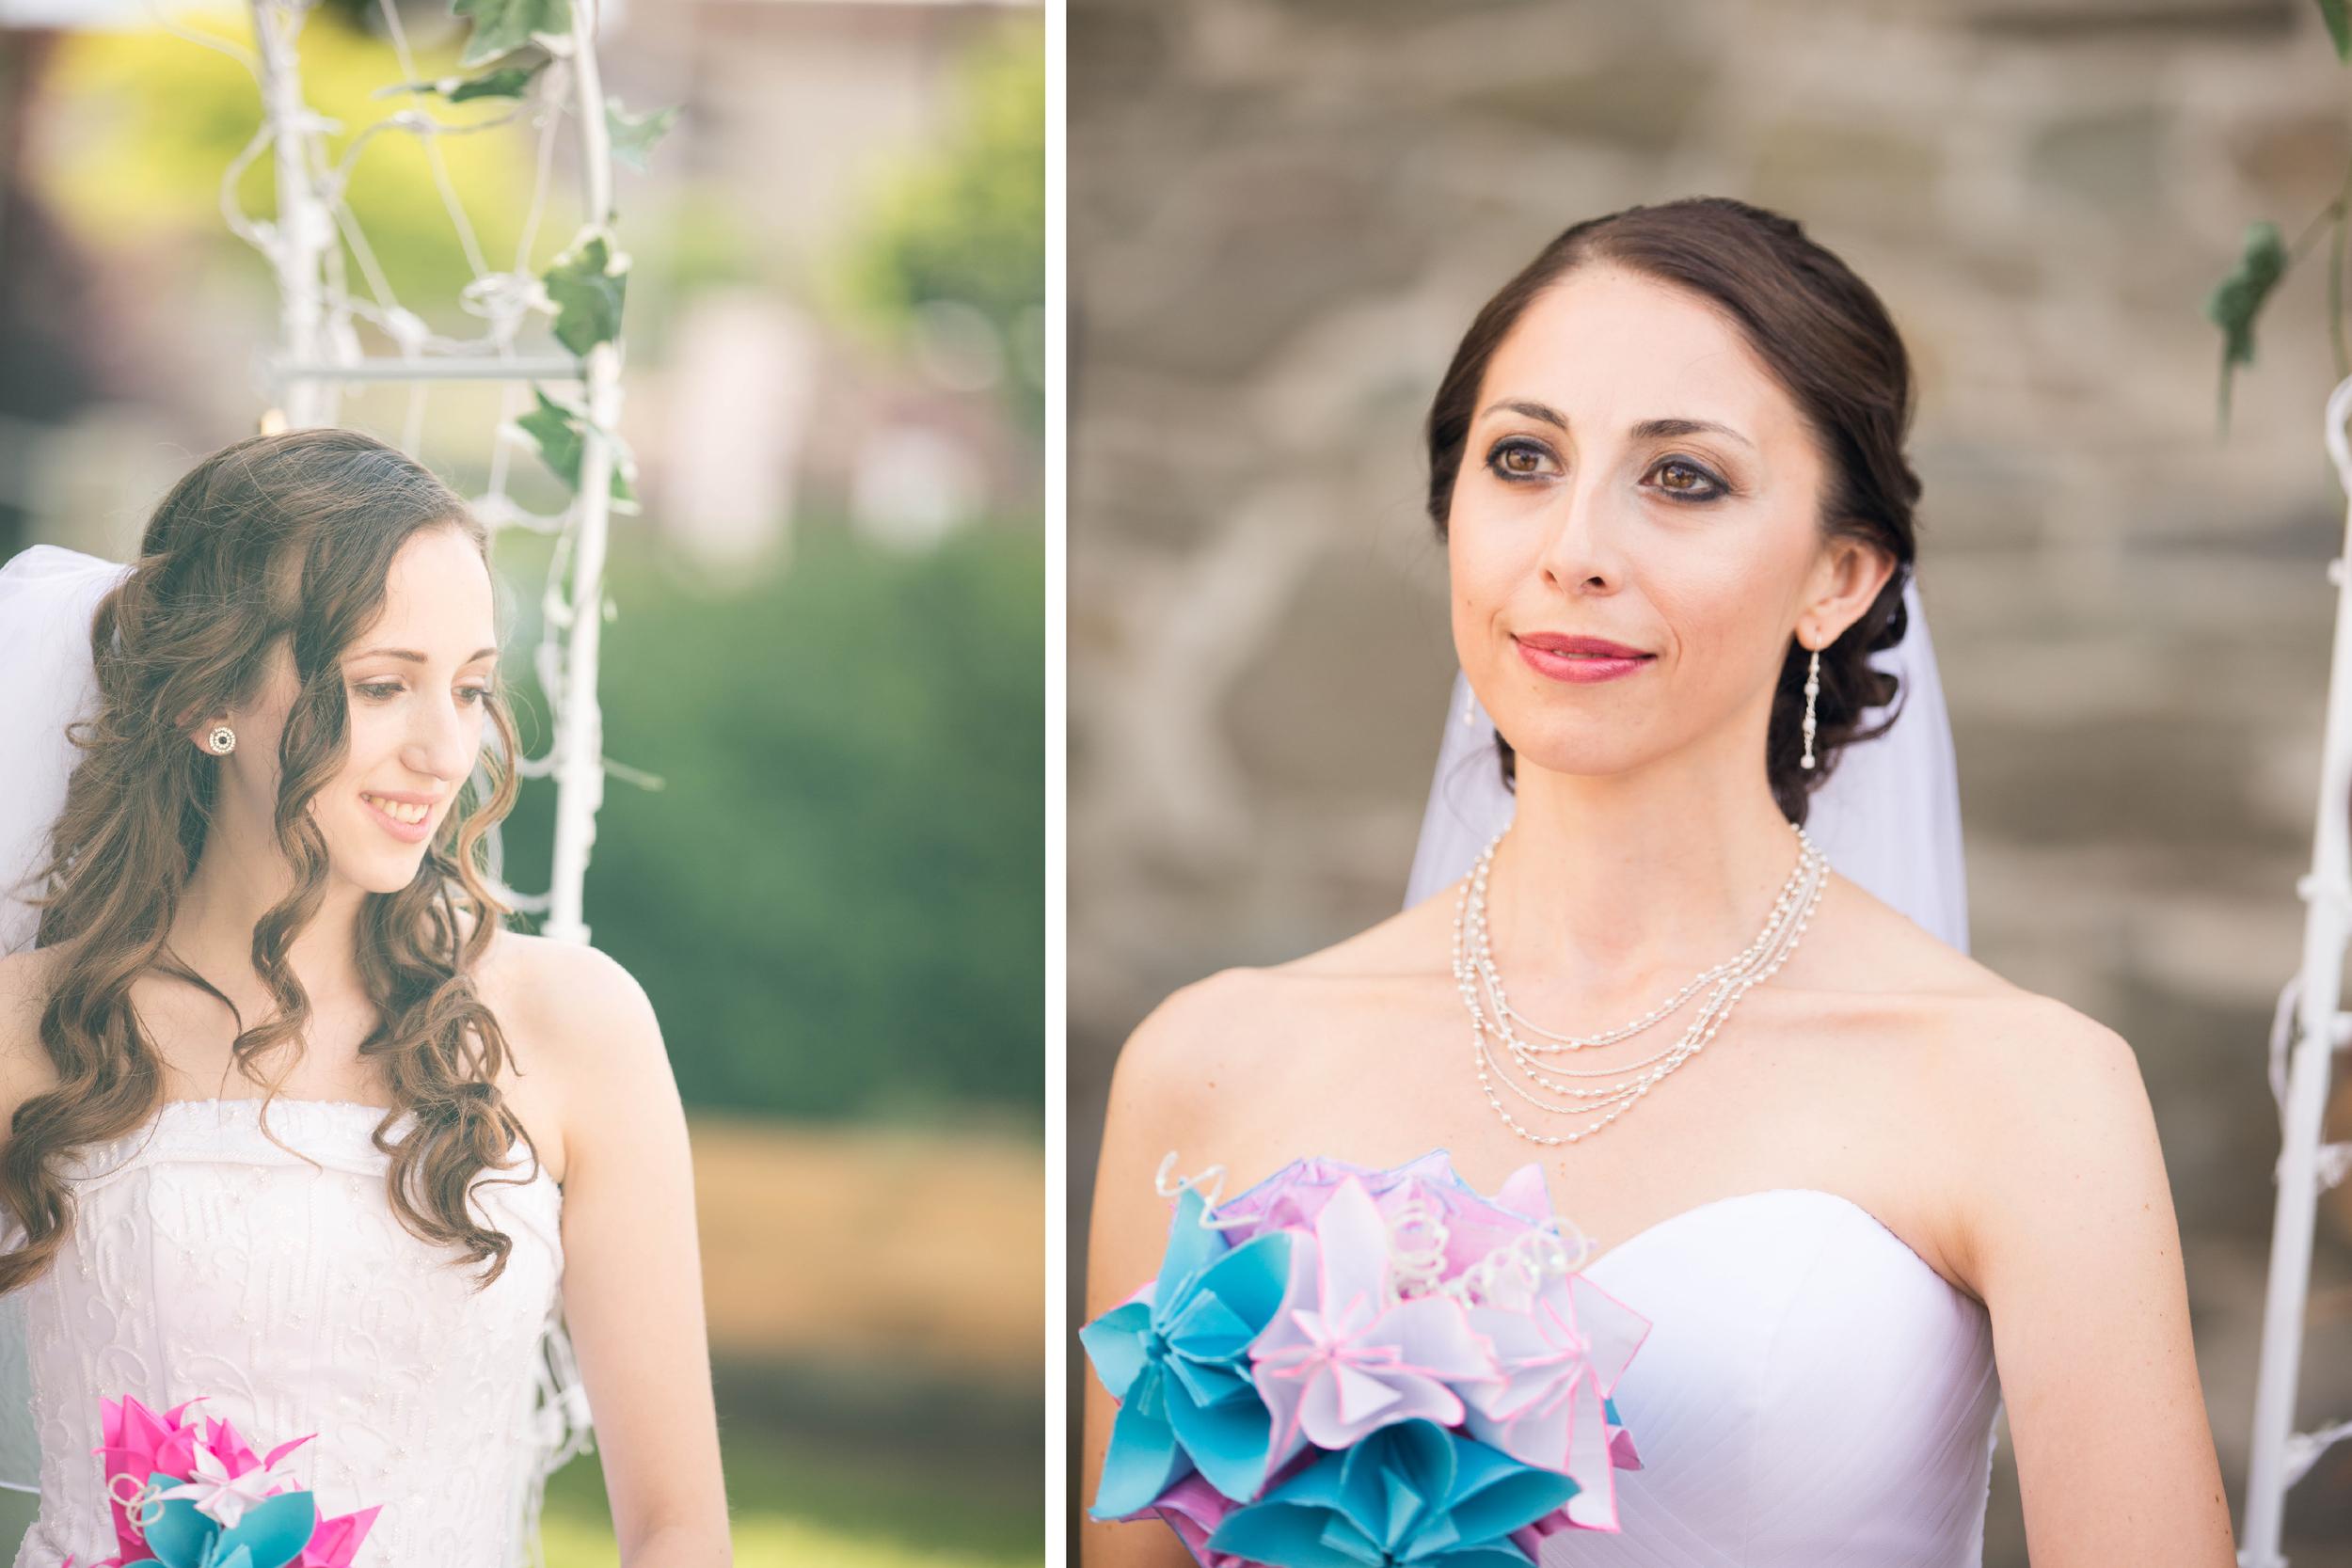 Tracy_Rodriguez_Photography_WeddingPort_LaliKati-Horz-2.jpg